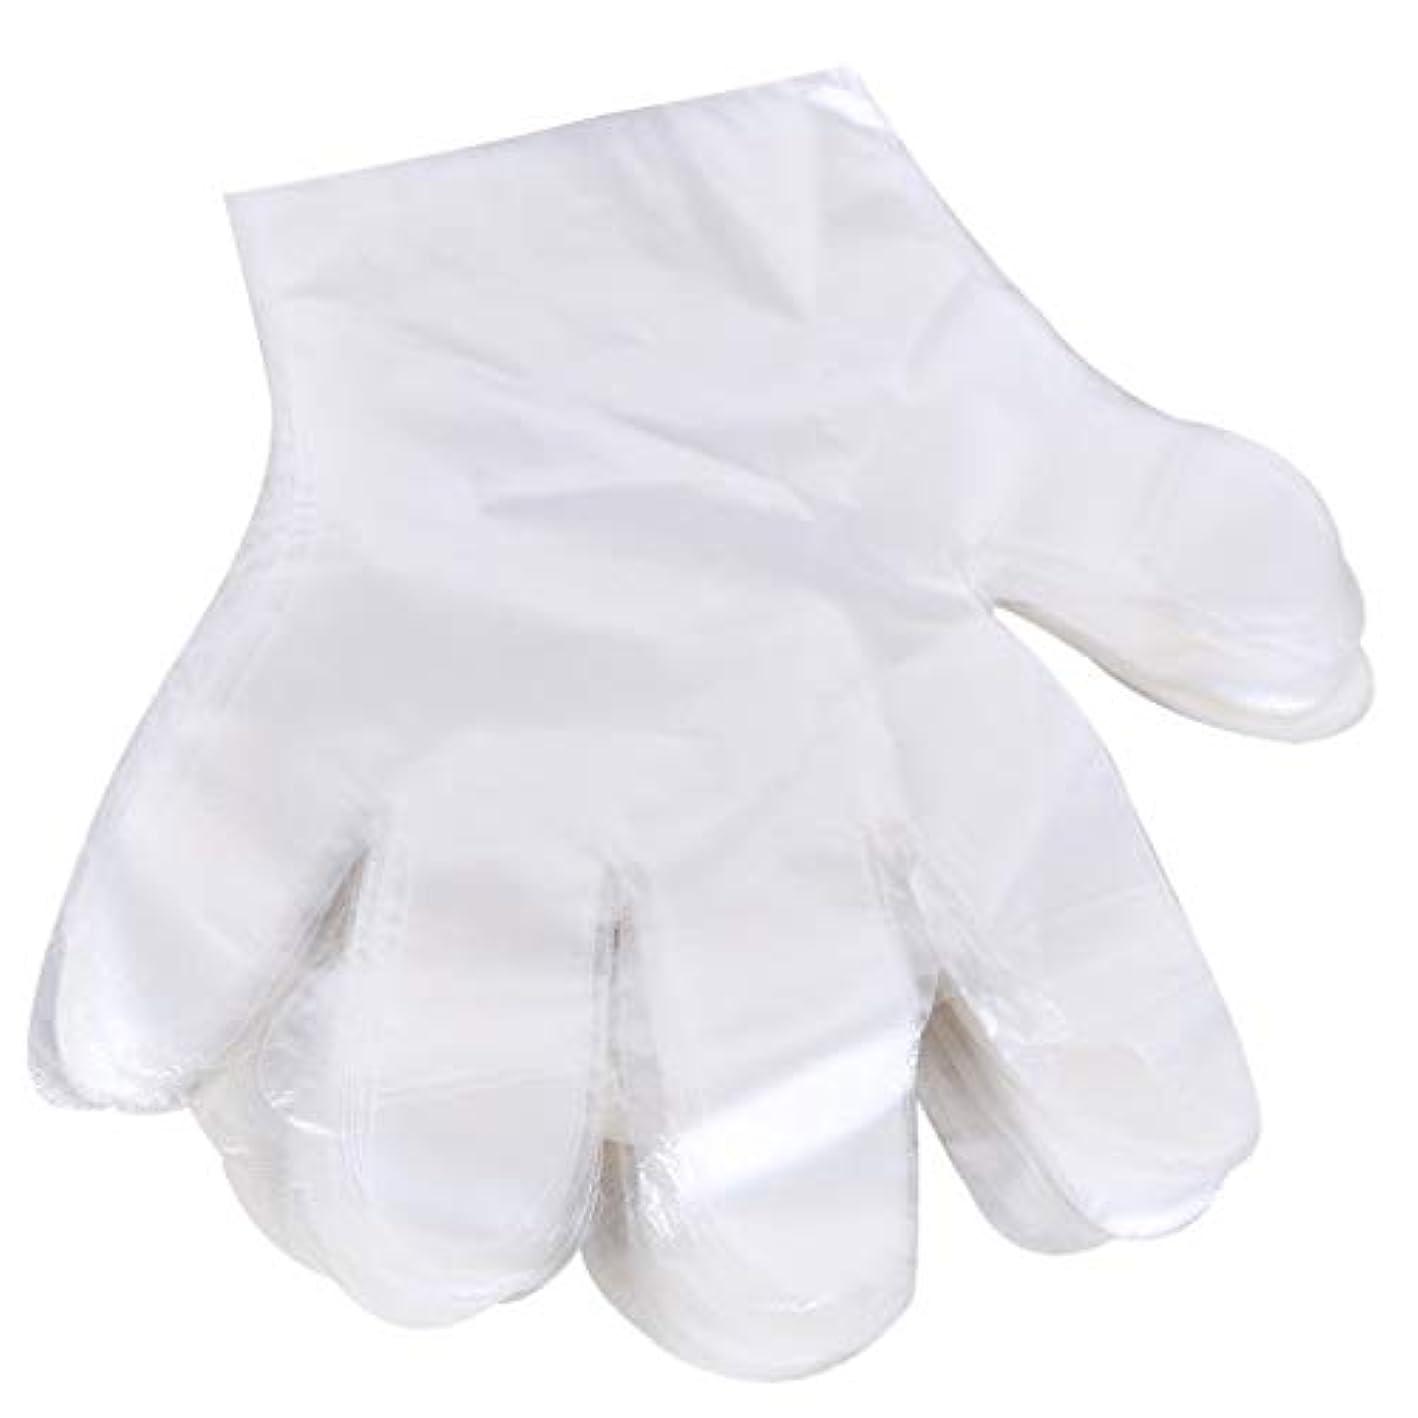 困惑したマエストロ虐待1000 使い捨て手袋、ケータリングヘアマスク食品ロブスター厚い透明プラスチックpeフィルム手袋透明カバー YANW